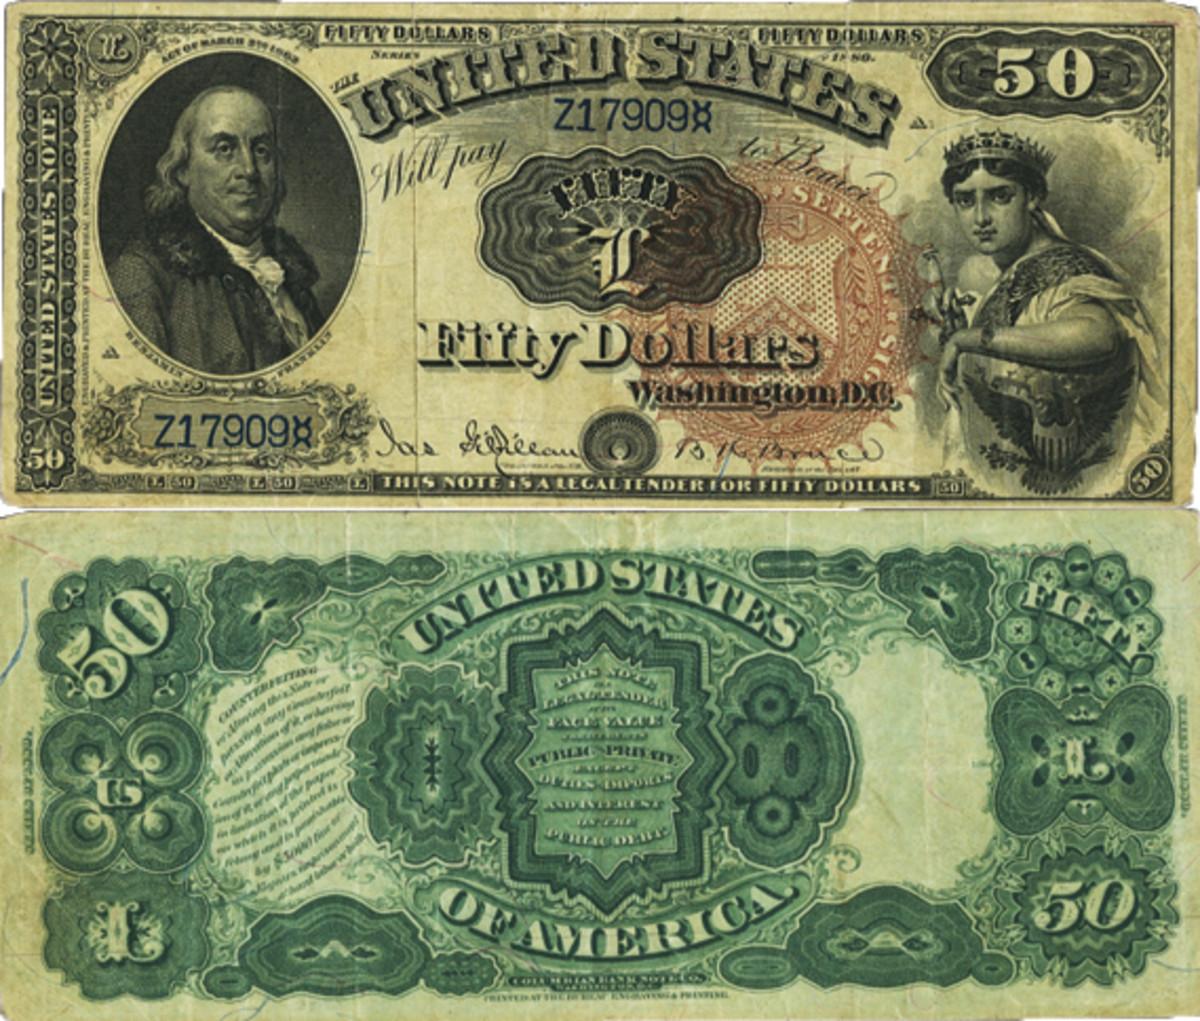 1880 $50 Legal Tender Note